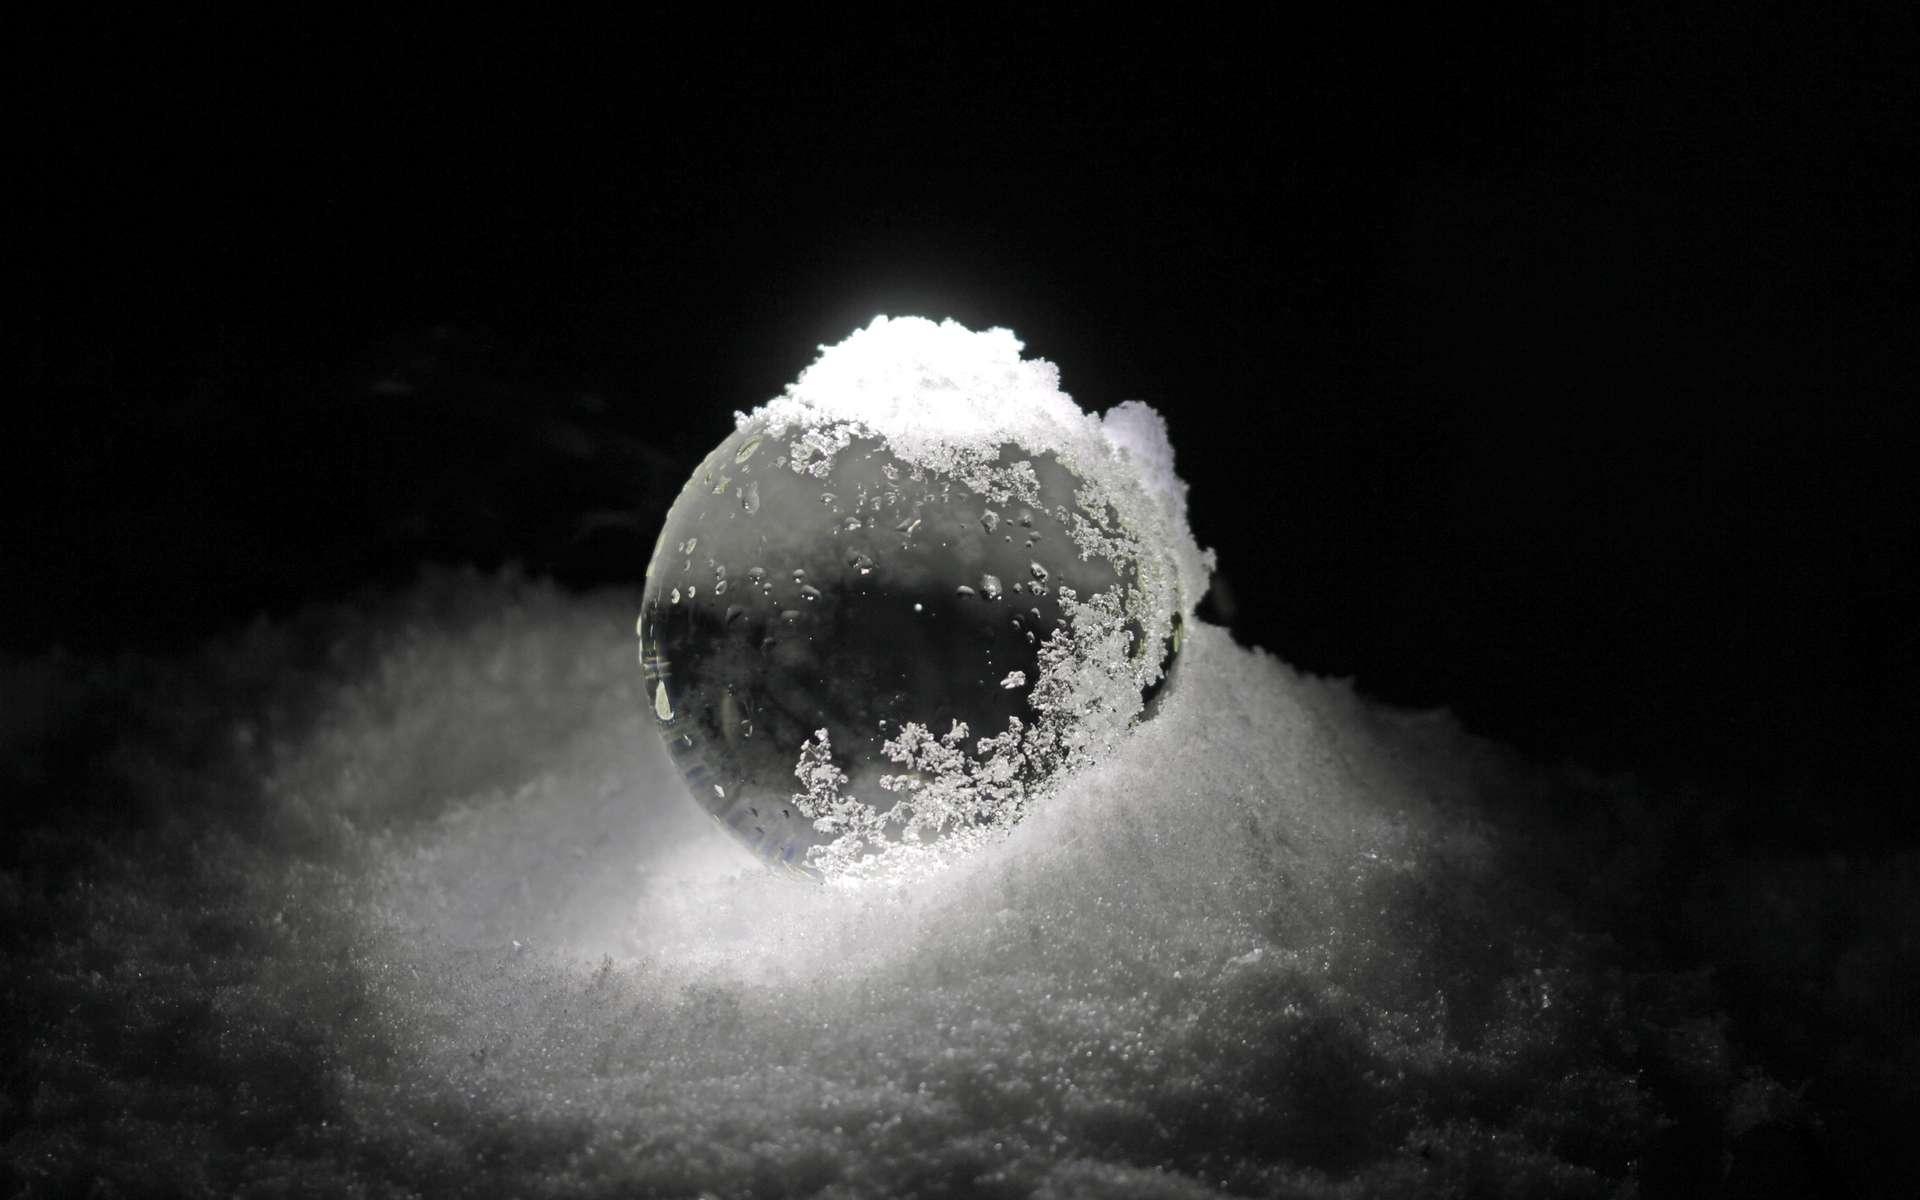 L'origine de la « Terre boule de glace » enfin comprise ?